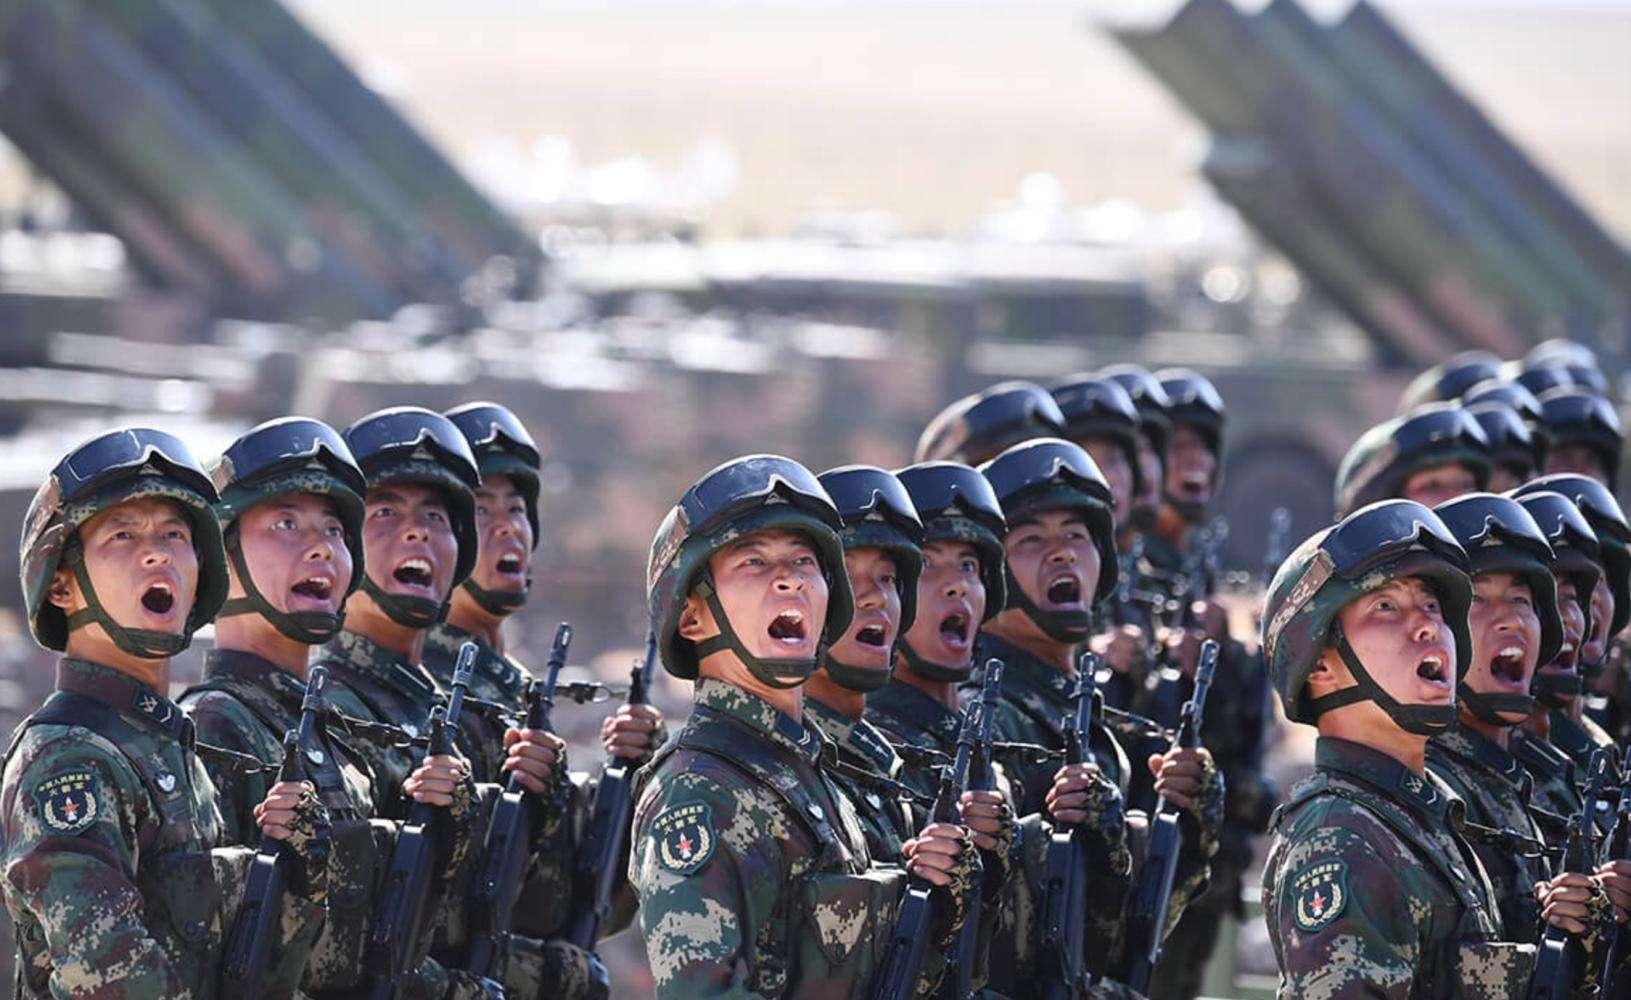 Para ser una superpotencia, China debe aumentar su gasto militar